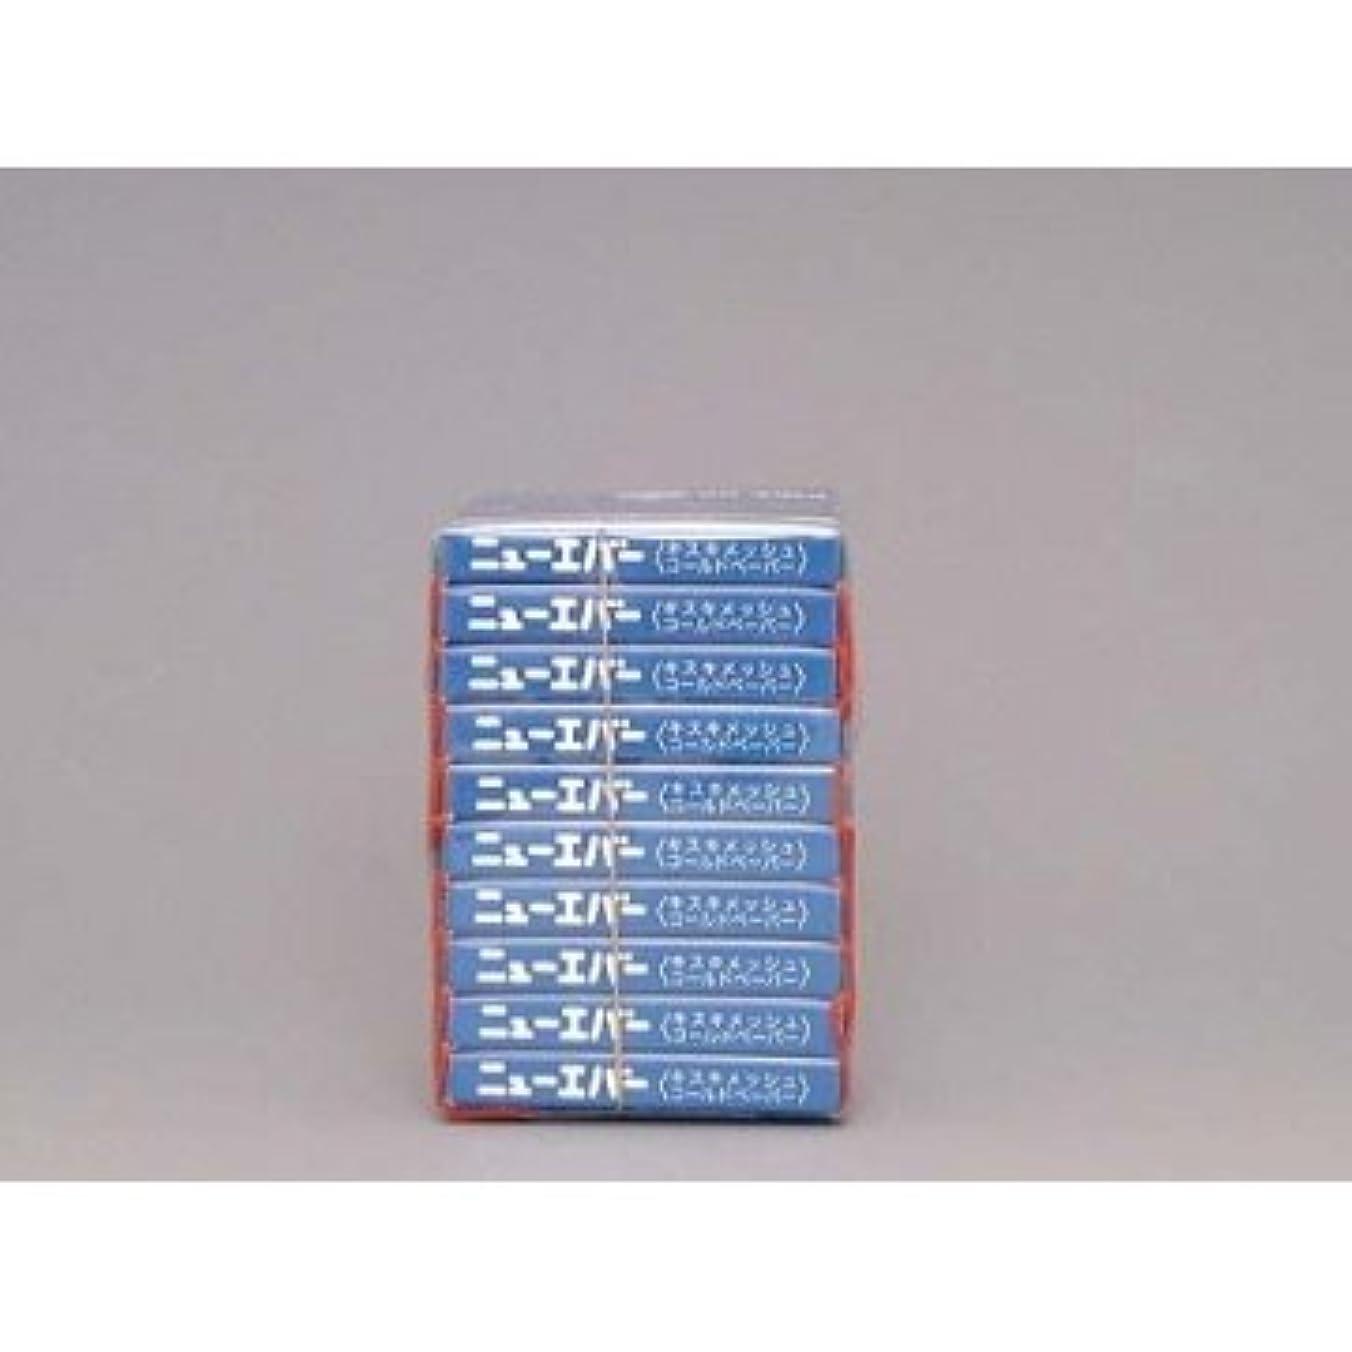 国落ちた抵抗力がある米正 ニューエバー ピックアップ ハンディタイプL キスキメッシュコールドペーパー 100枚×10ケ入 ブルー